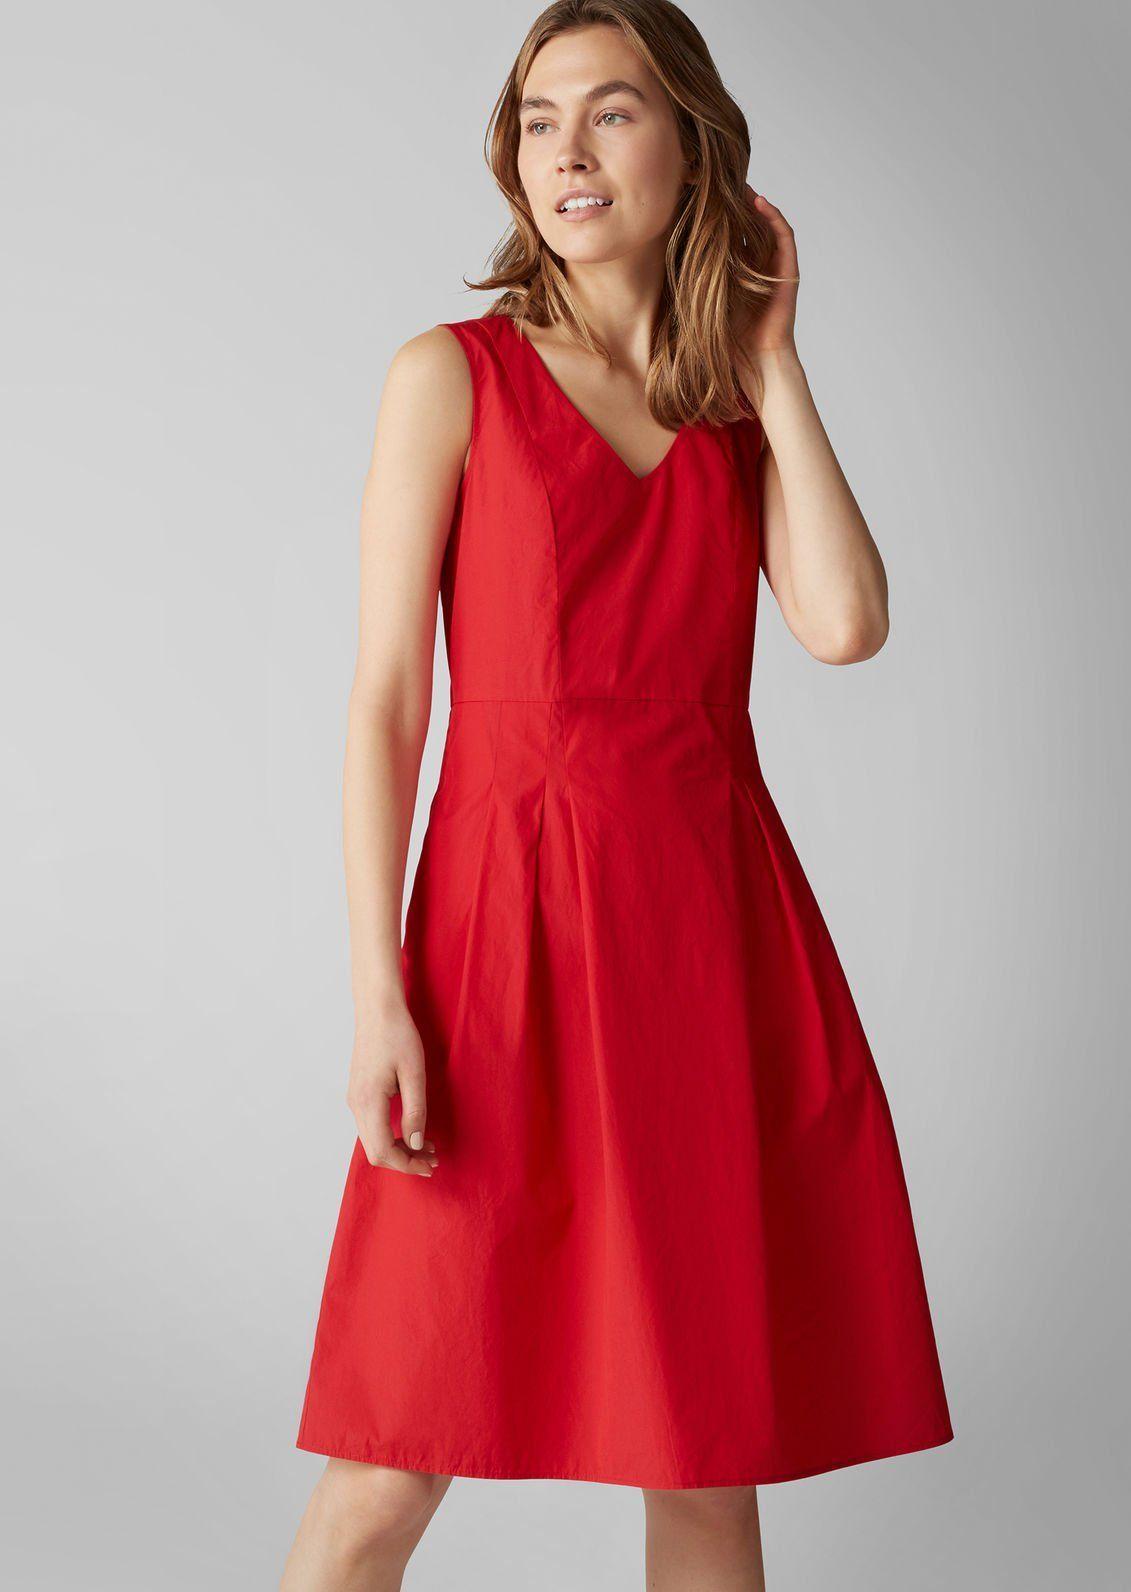 Платье женские MARC O'POLO модель PF3318 качество, 2017